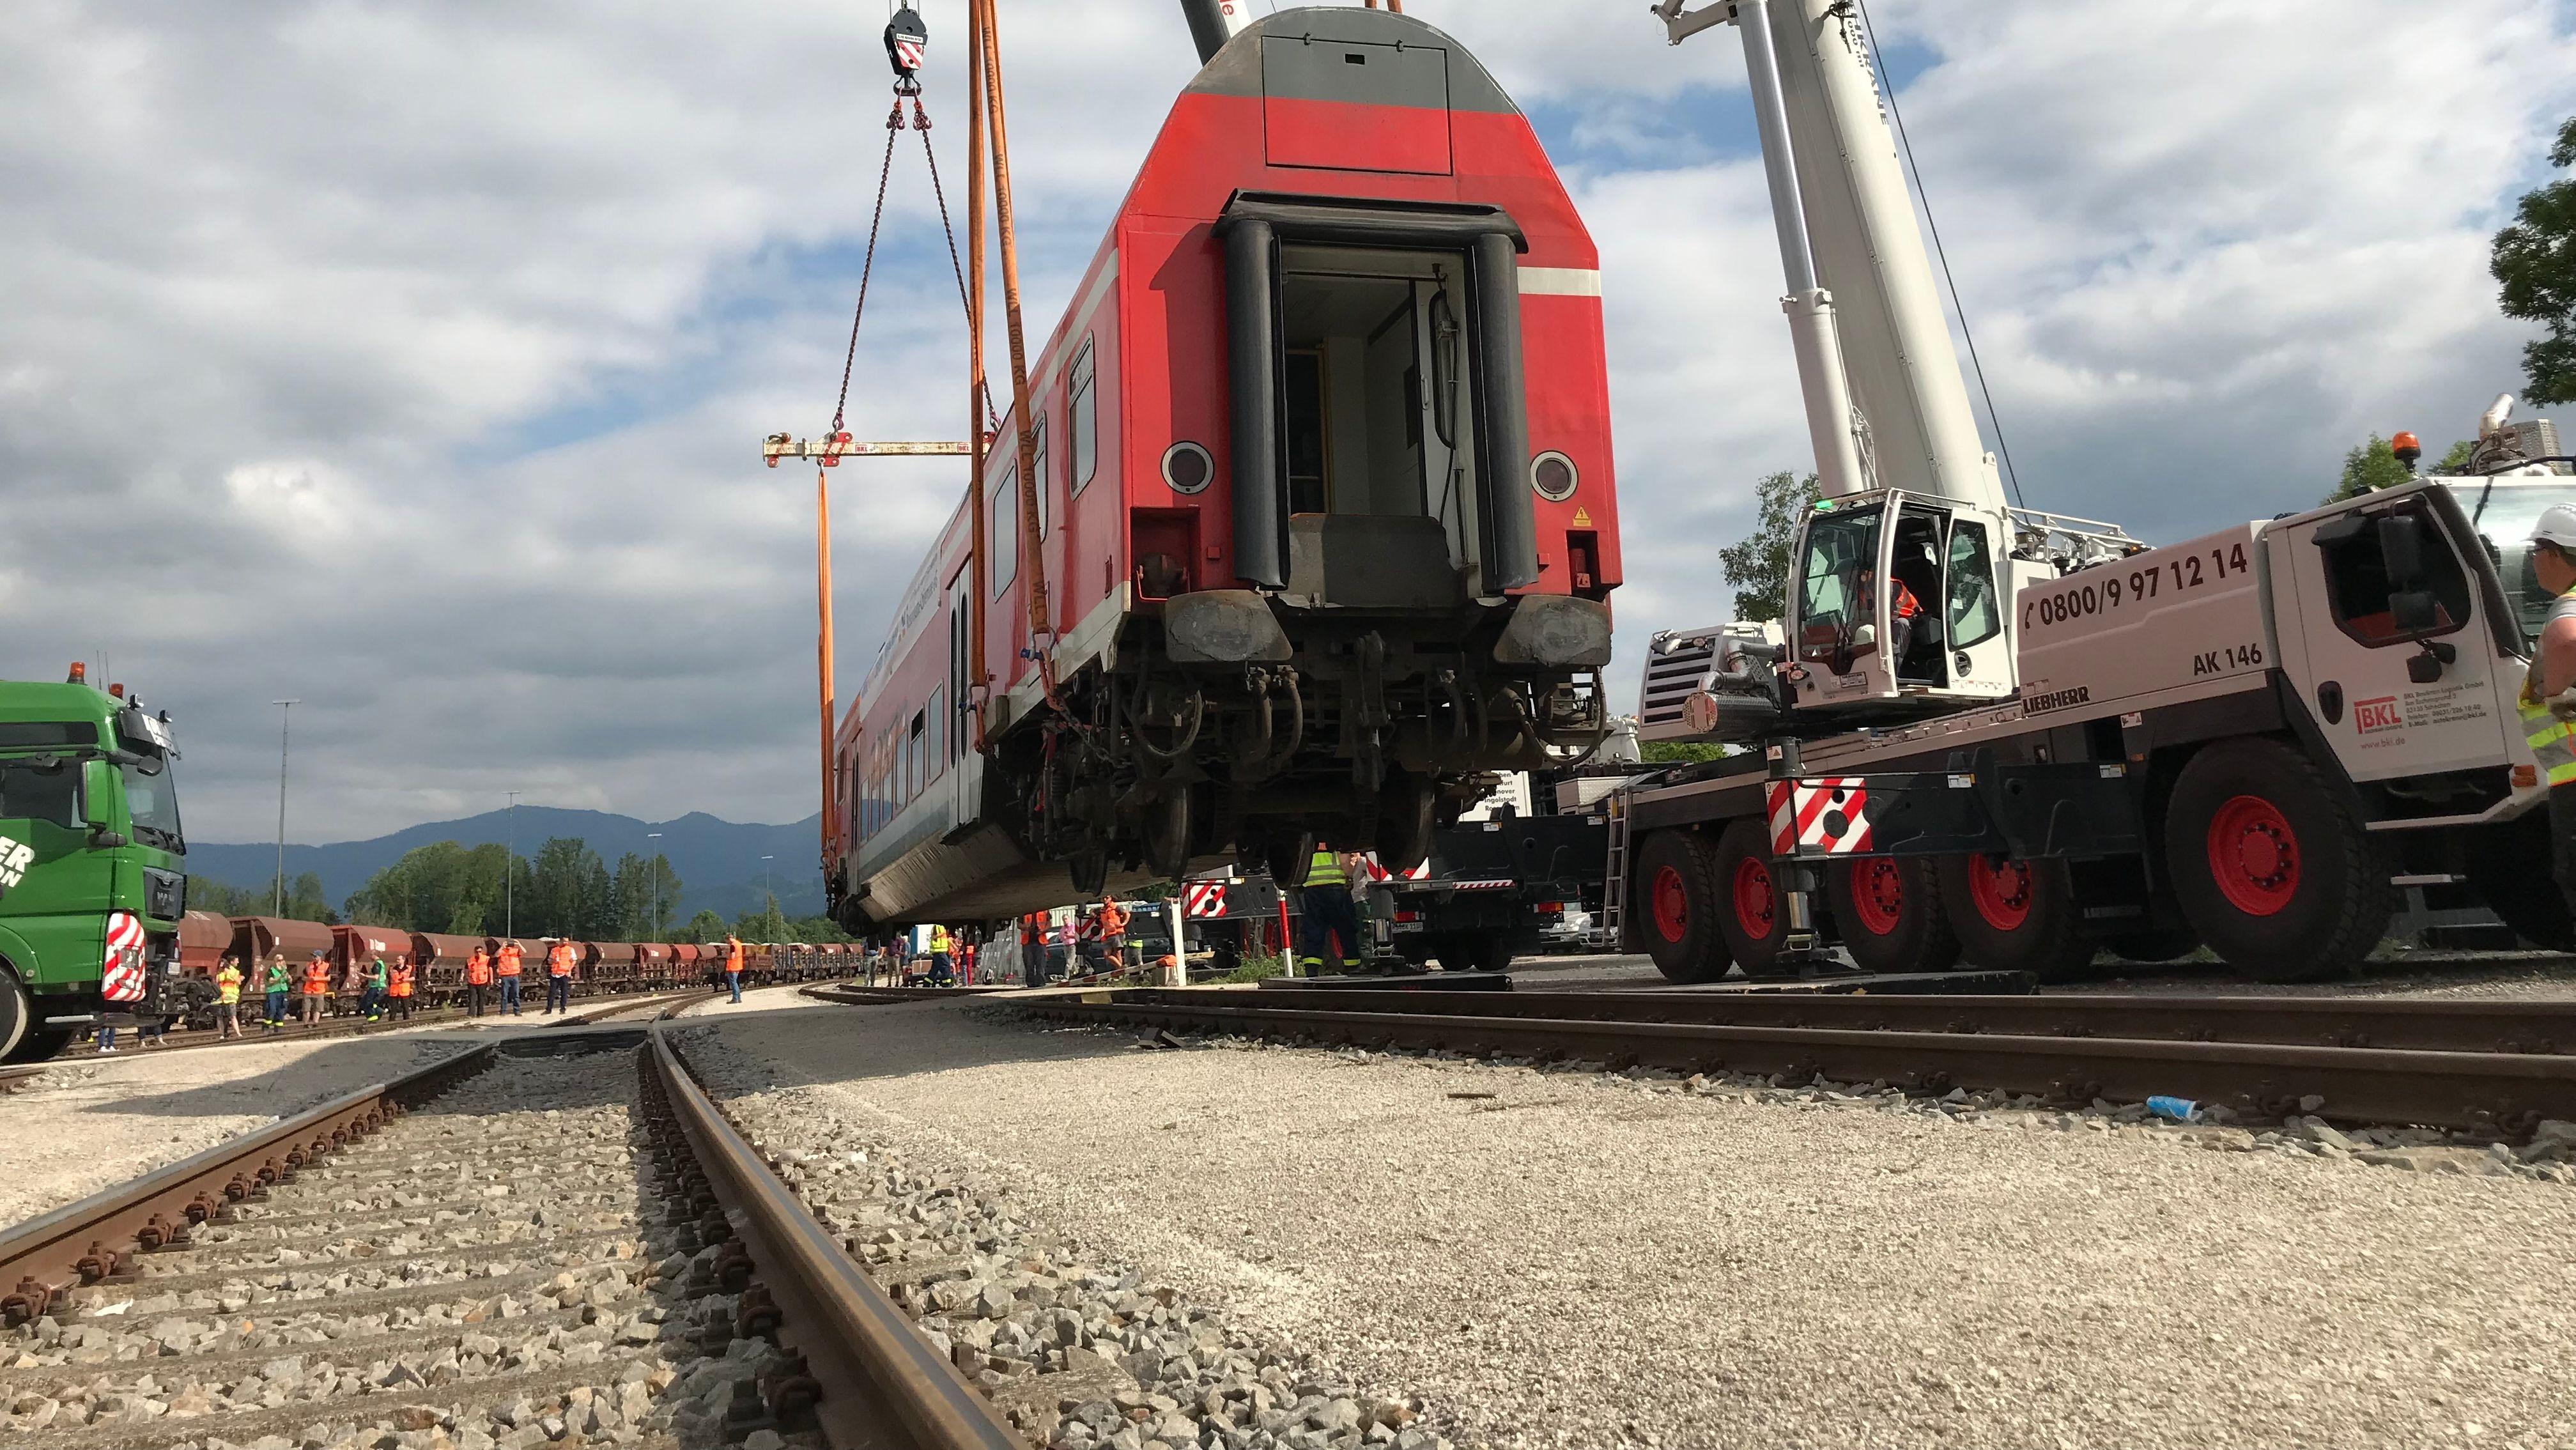 Der Zugwaggon wird angehoben und schwebt über den Gleisen.